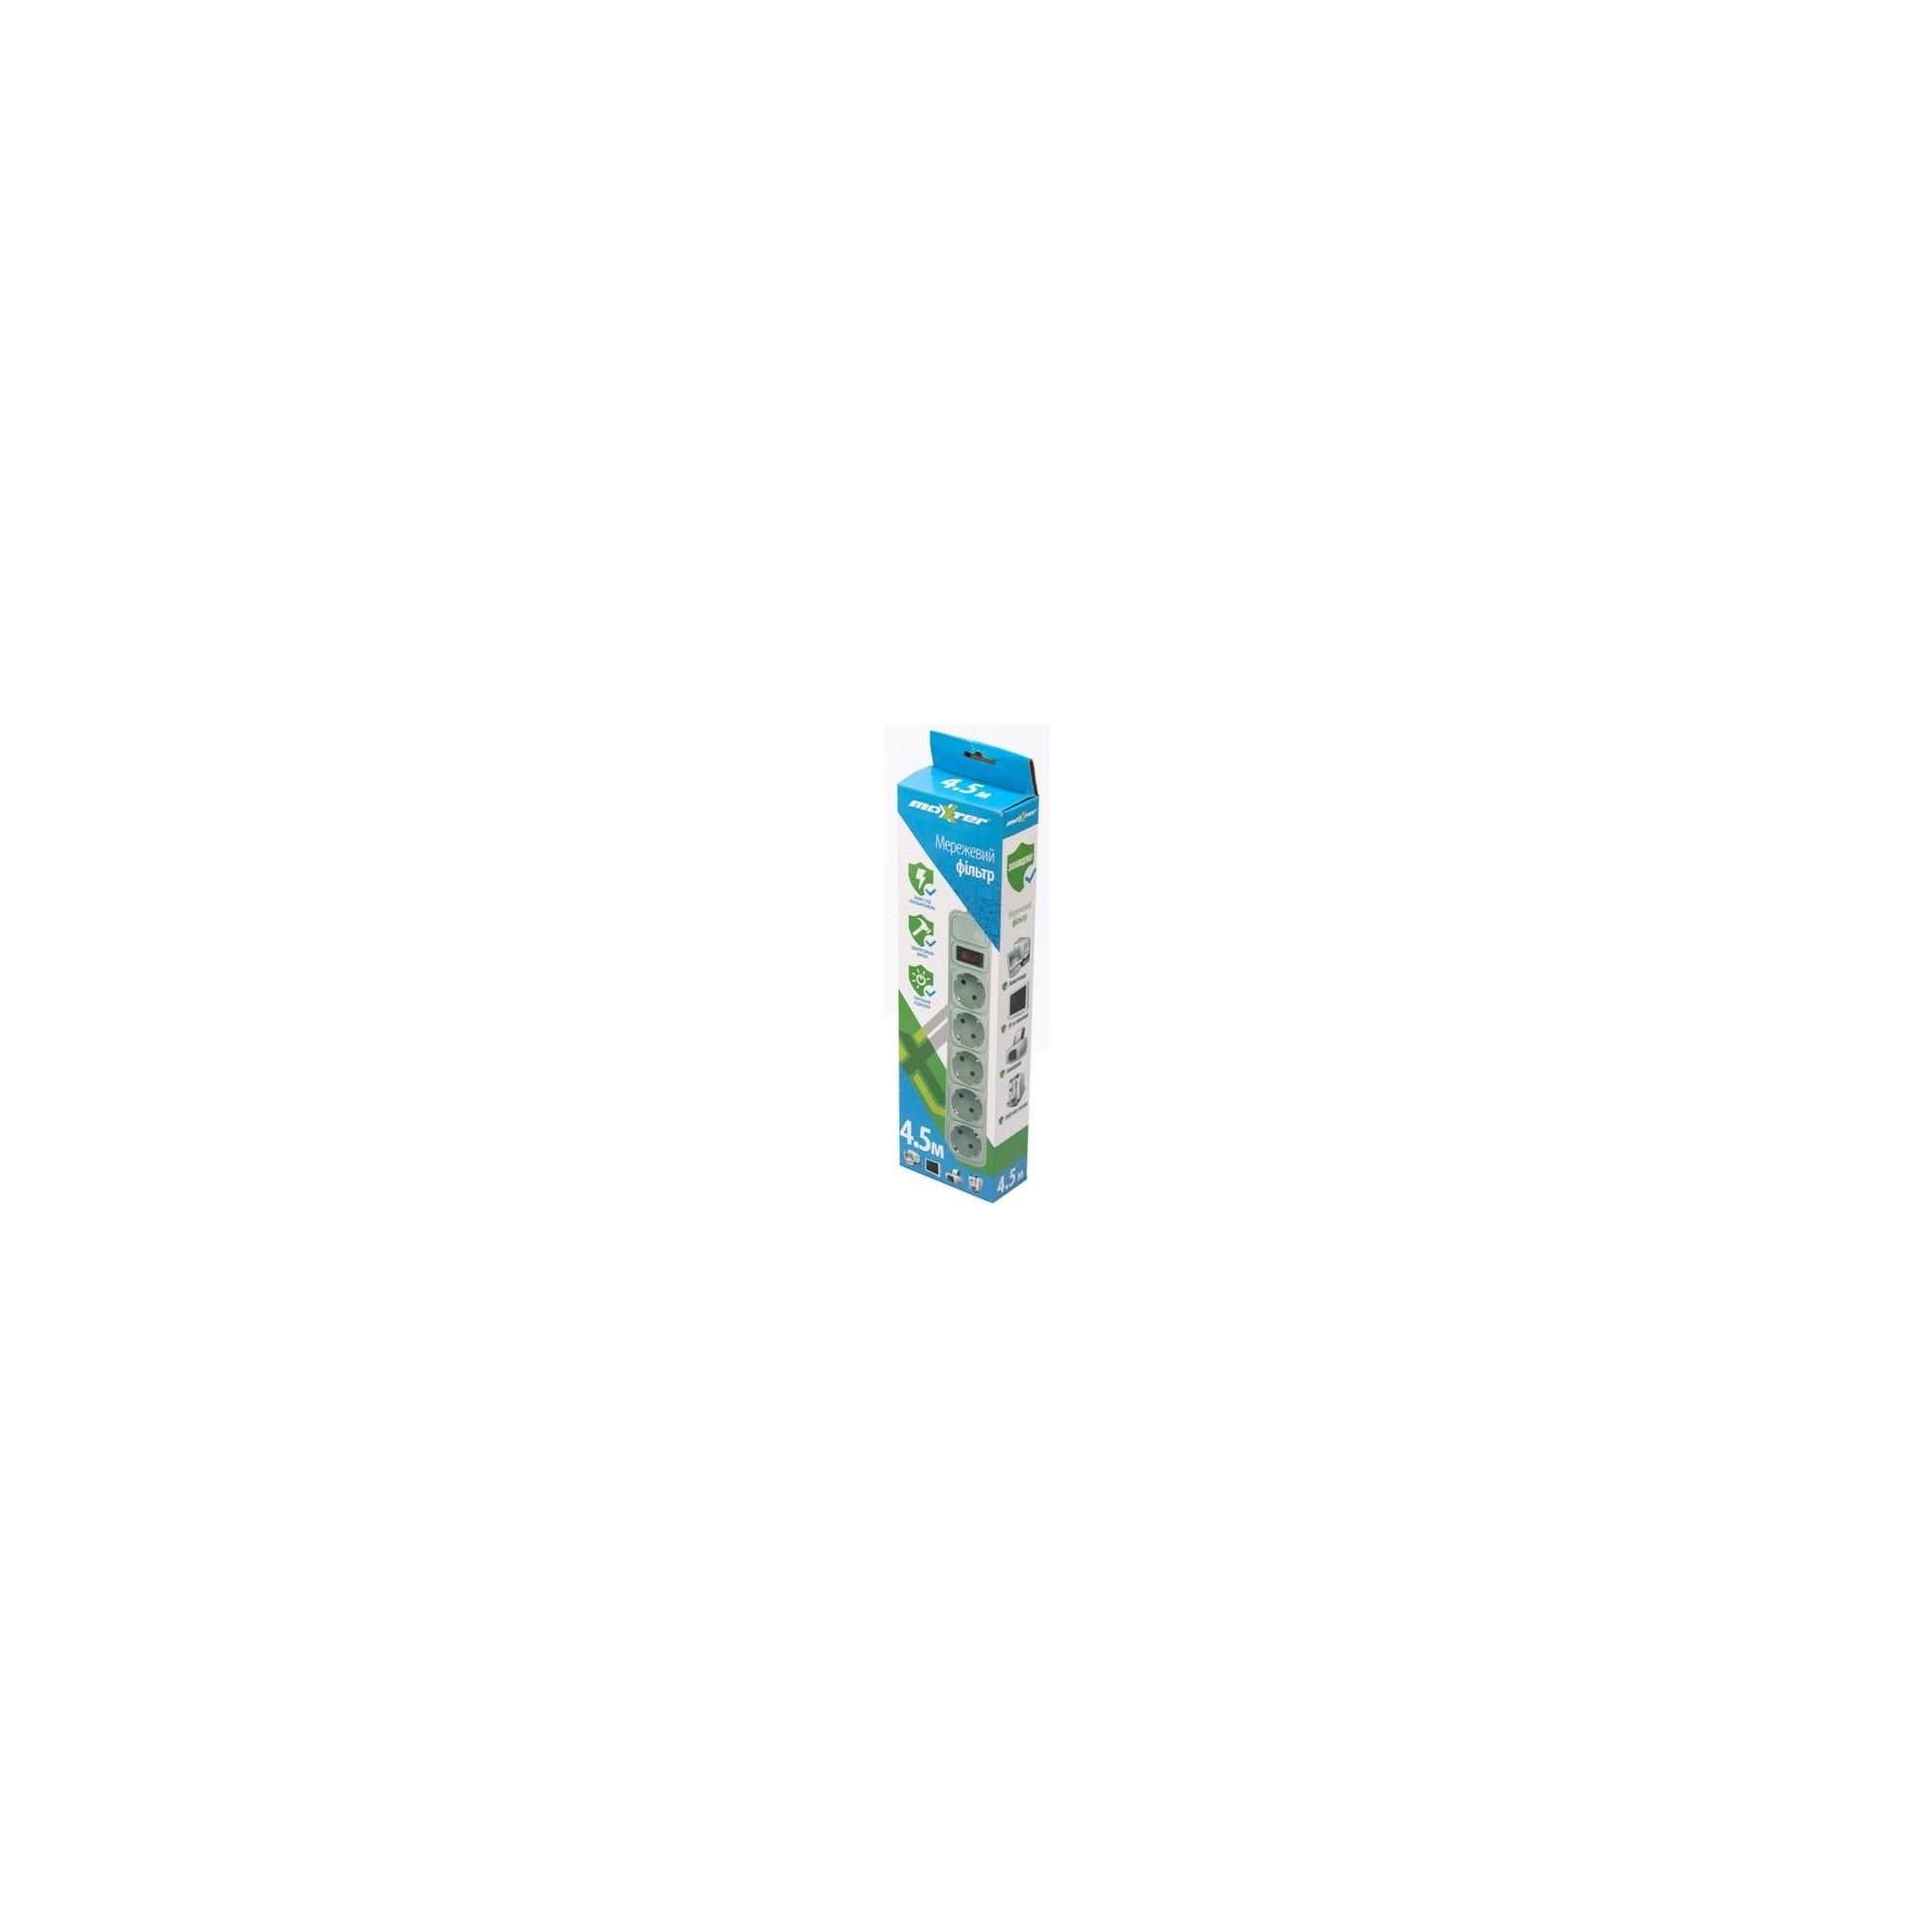 Сетевой фильтр MAXXTER, 4,5 м, 5 розеток MAXXTER - 1